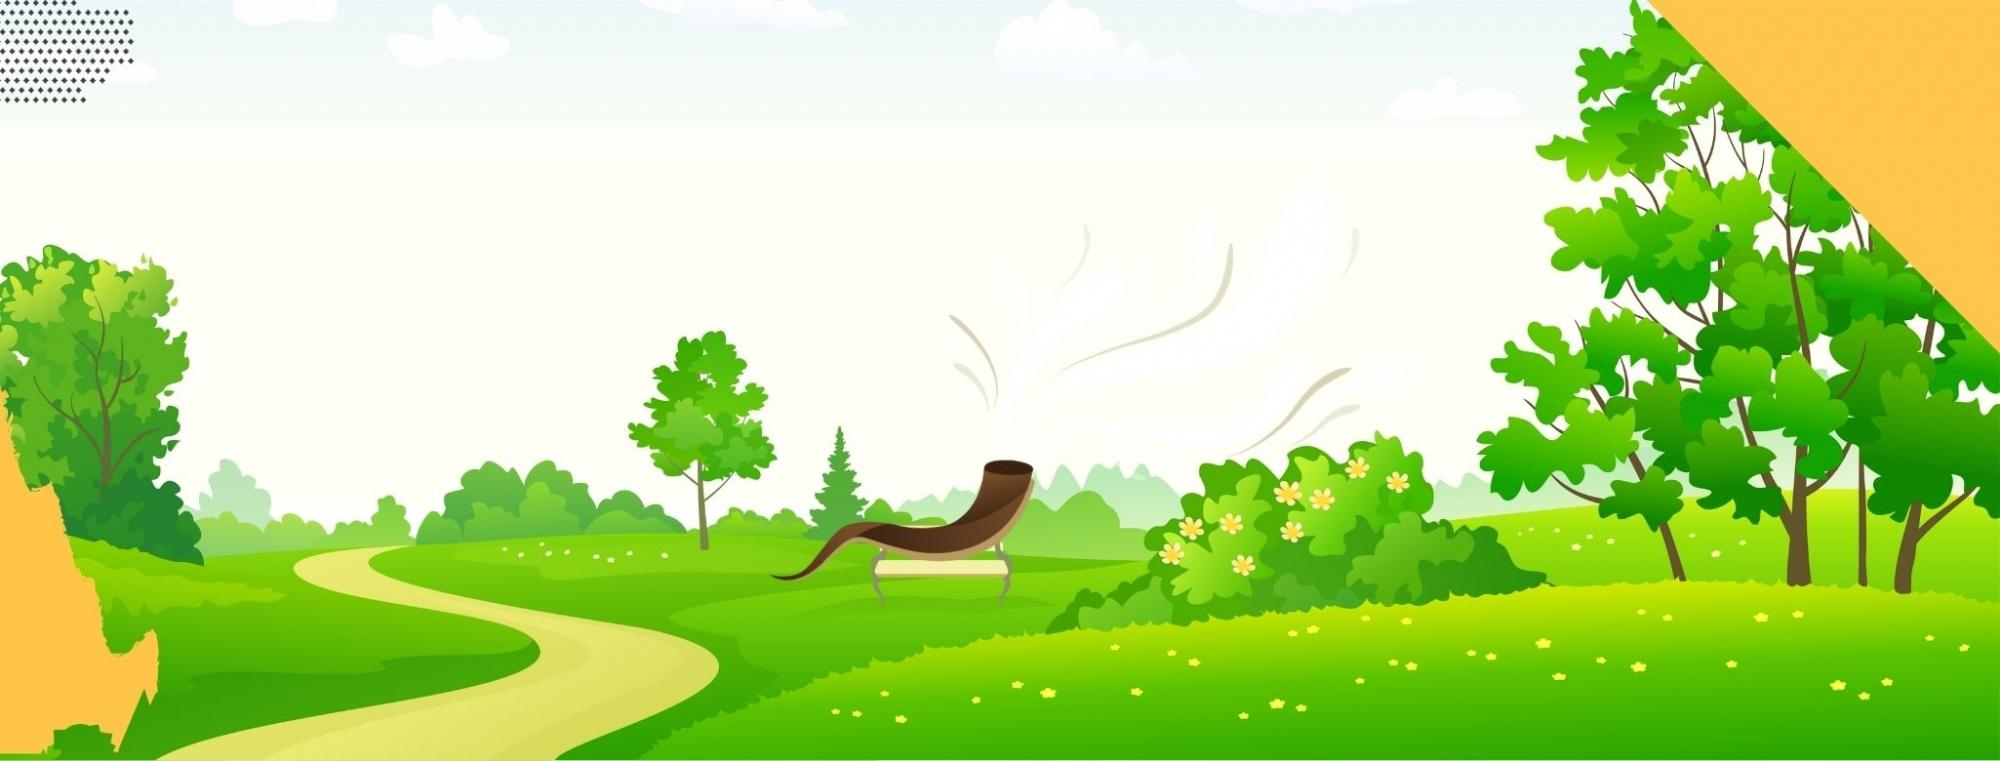 ch1 shofar in the park.jpg